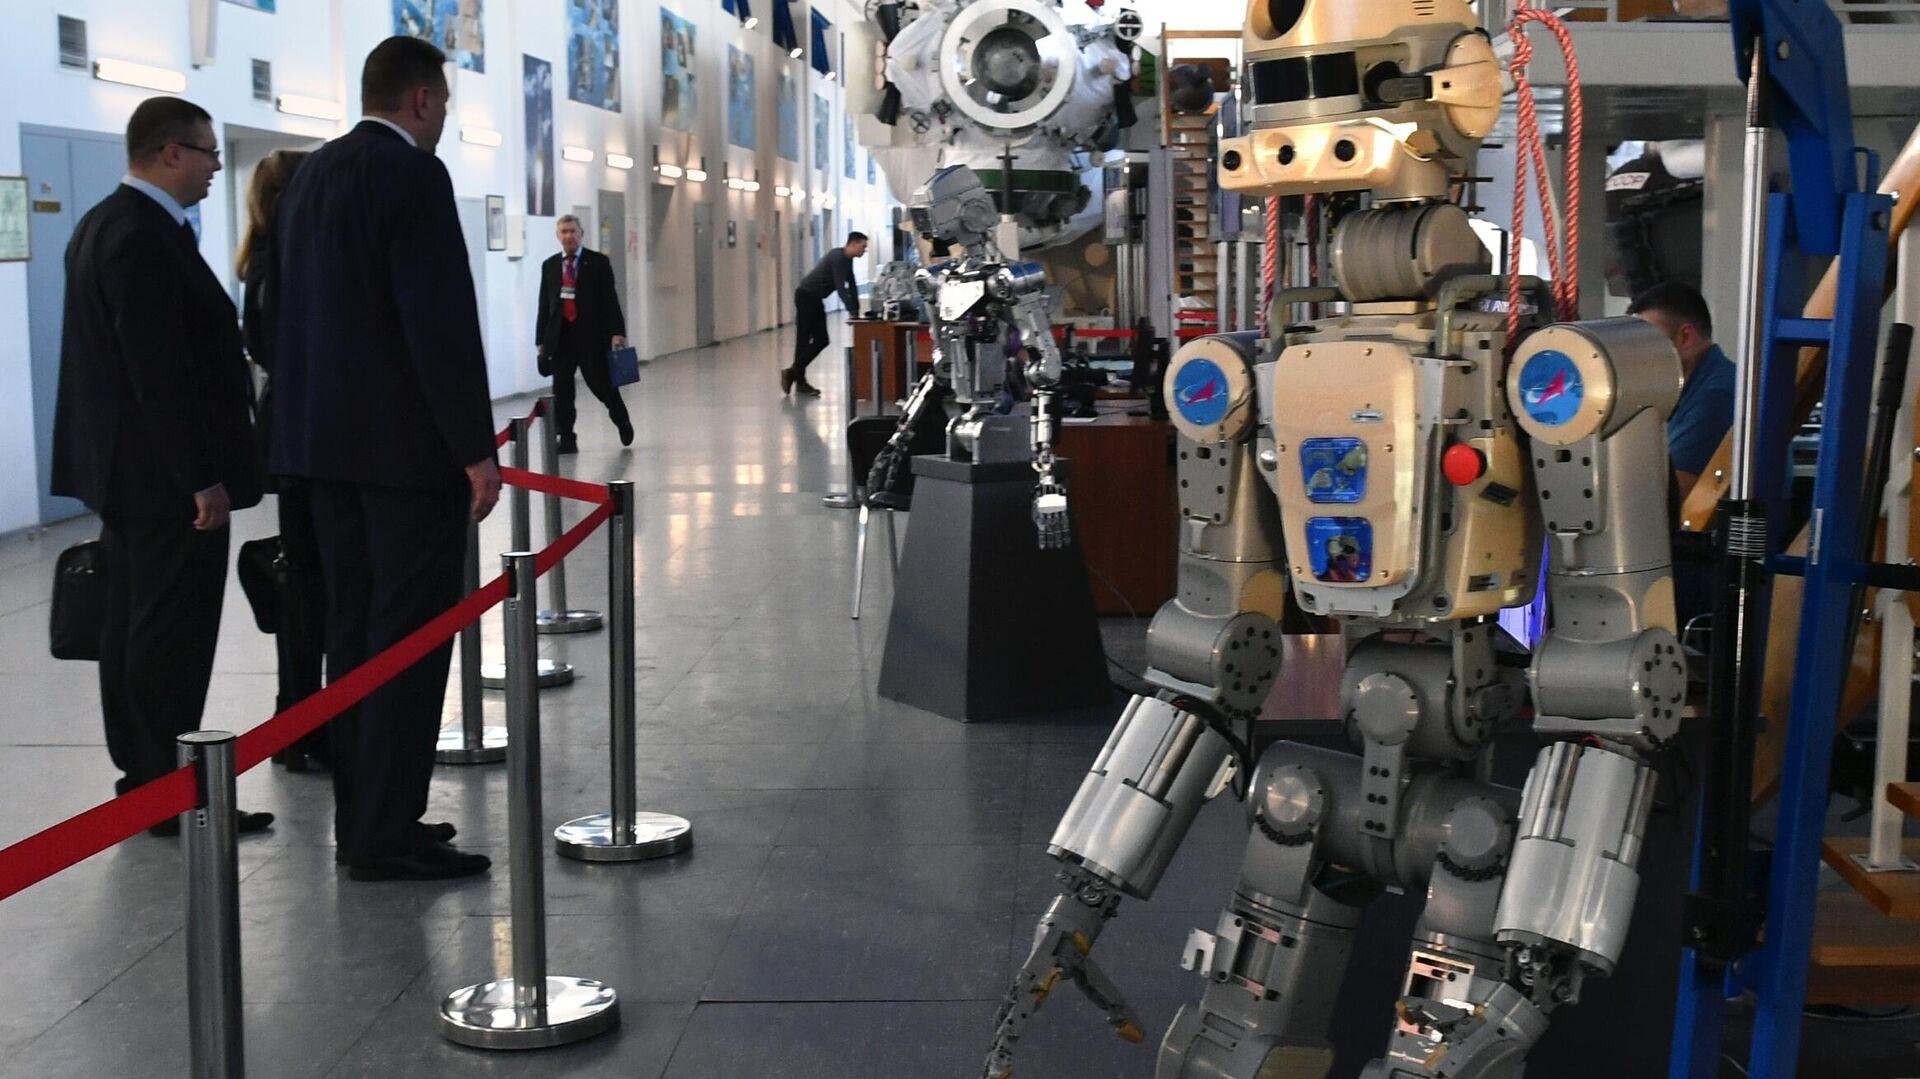 Антропоморфный робот SKYBOT F-850 Фёдор, представленный на конференции Пилотируемые полёты в космос в  Центре подготовки космонавтов - РИА Новости, 1920, 12.04.2021